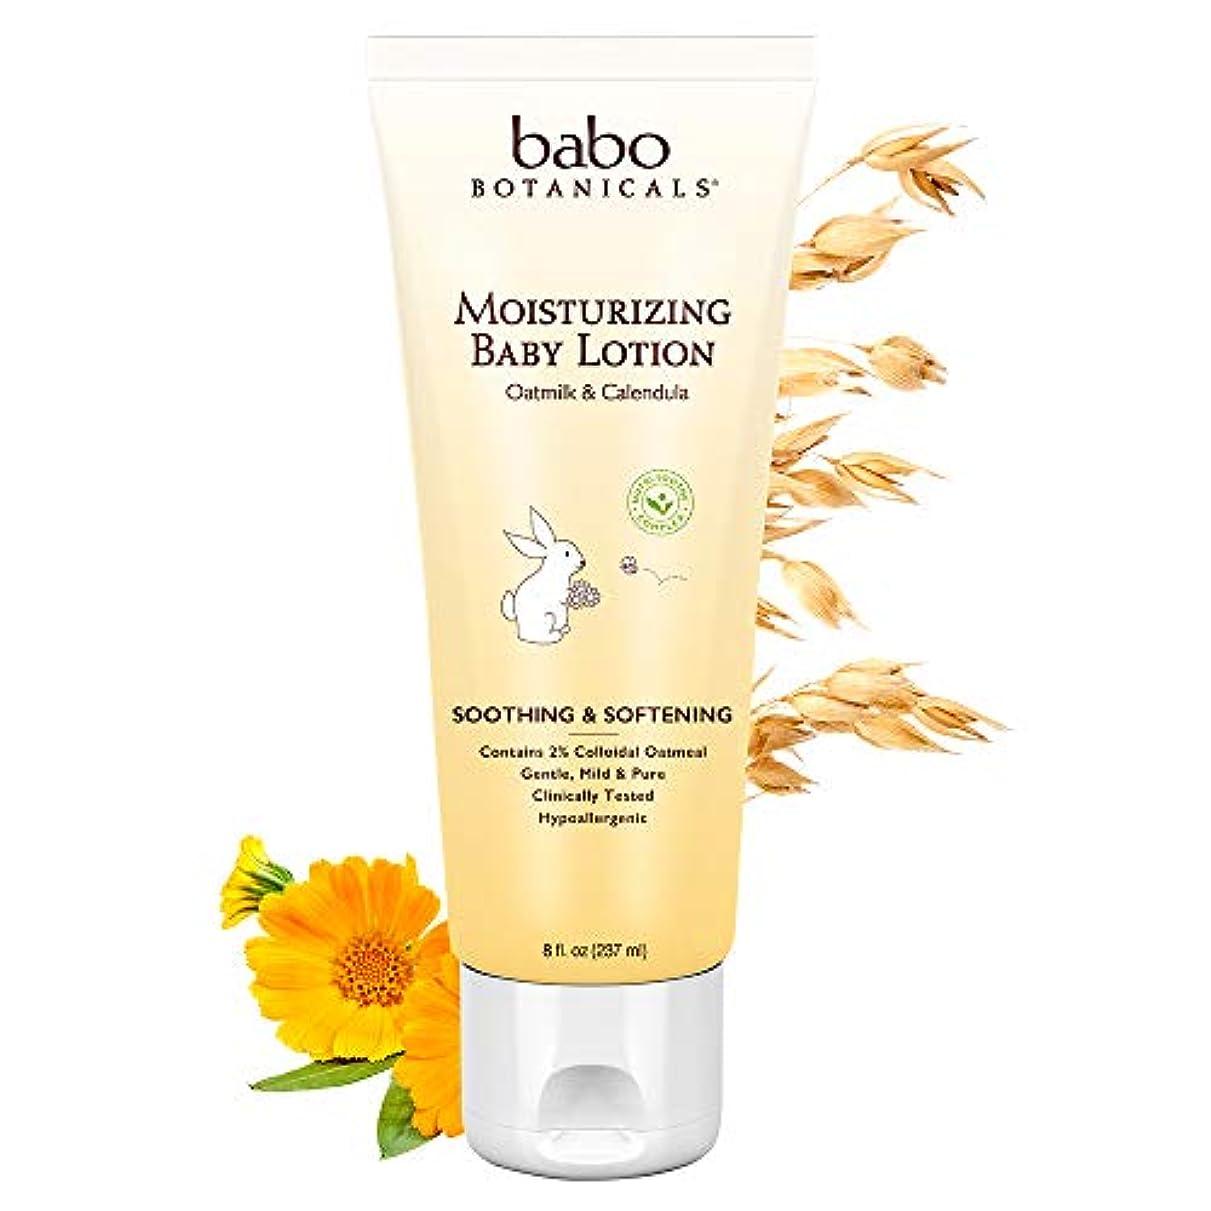 中絶摘む近似Babo Botanicals Oatmilkカレンデュラ保湿ベビーローション、 - スージング敏感肌のためのベストのベビーローション。アトピー性皮膚炎を和らげるのに役立ちます。ナチュラルオーツとオーガニックカレンデュラ...